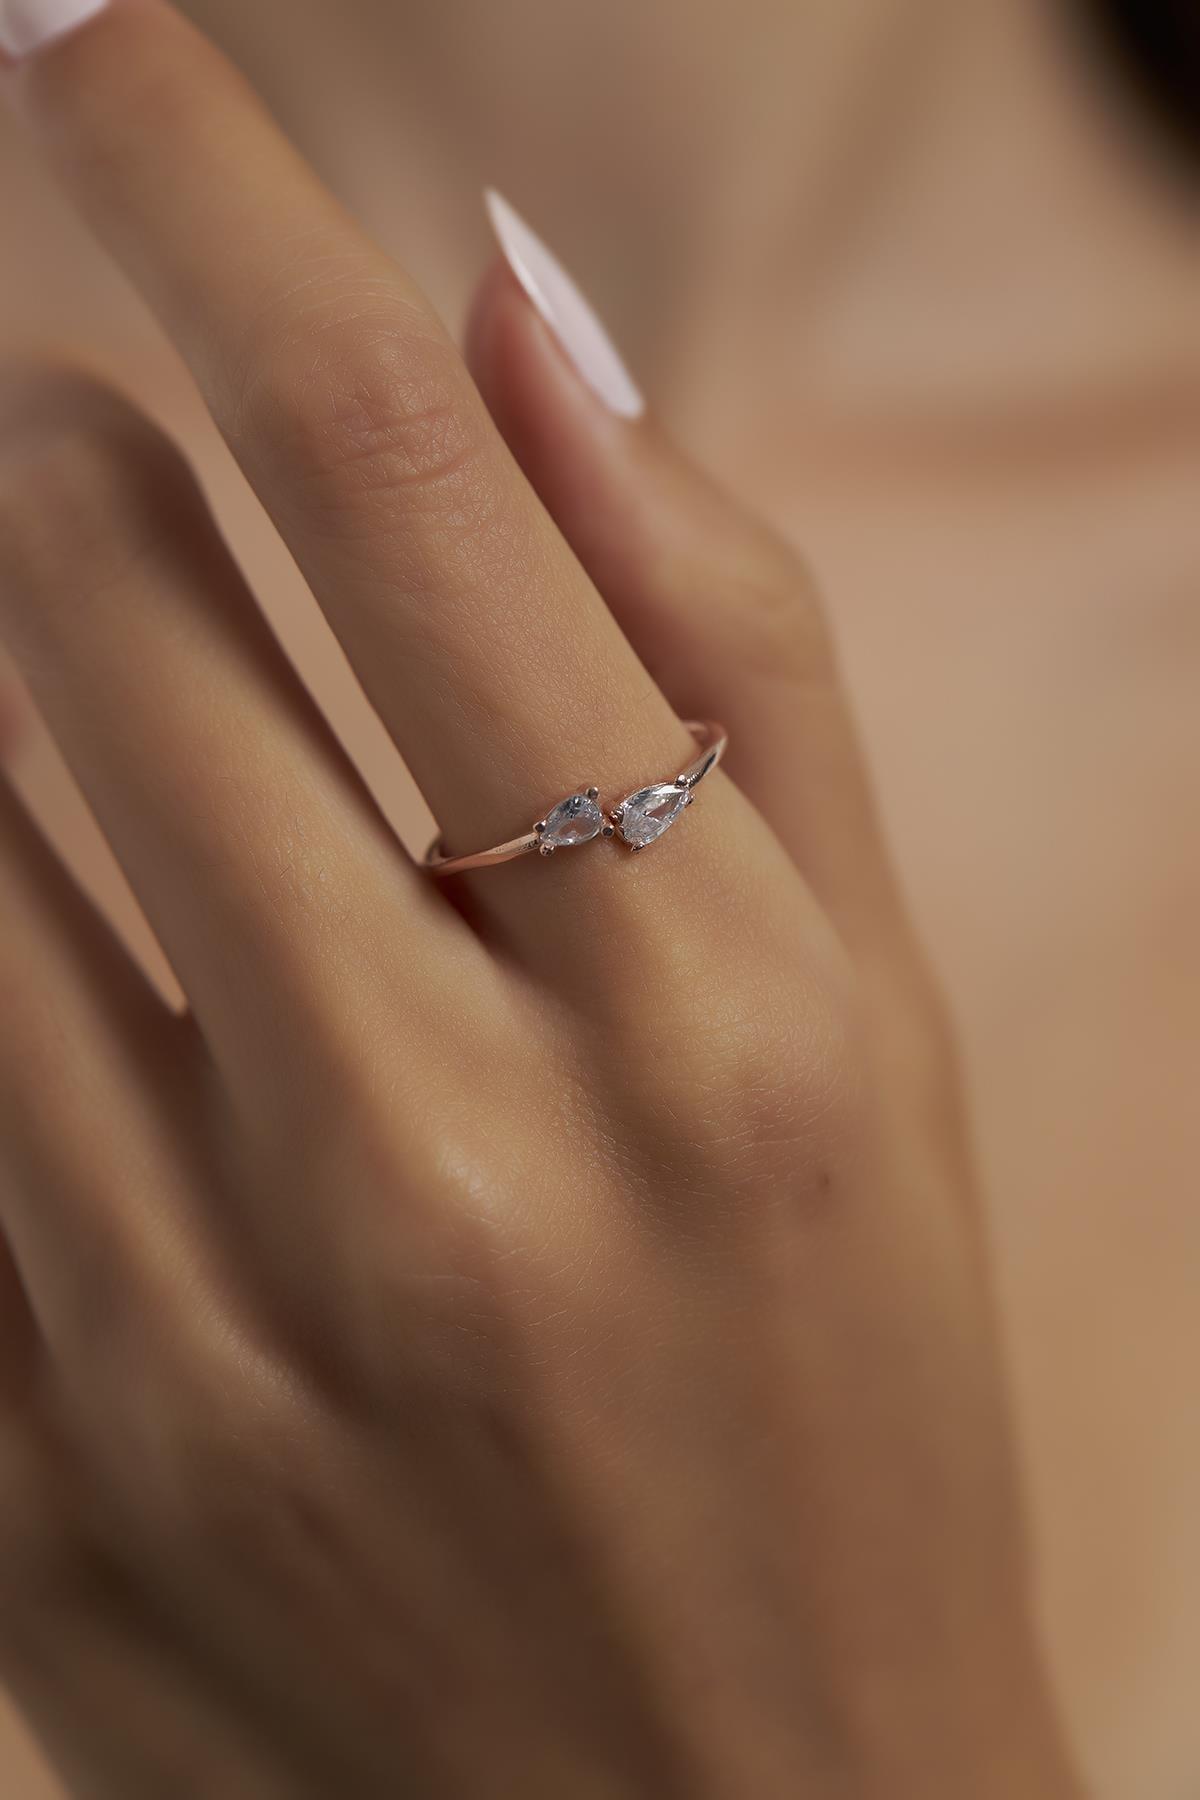 Ninova Çapraz Damla Model Rose Kaplama Gümüş Yüzük